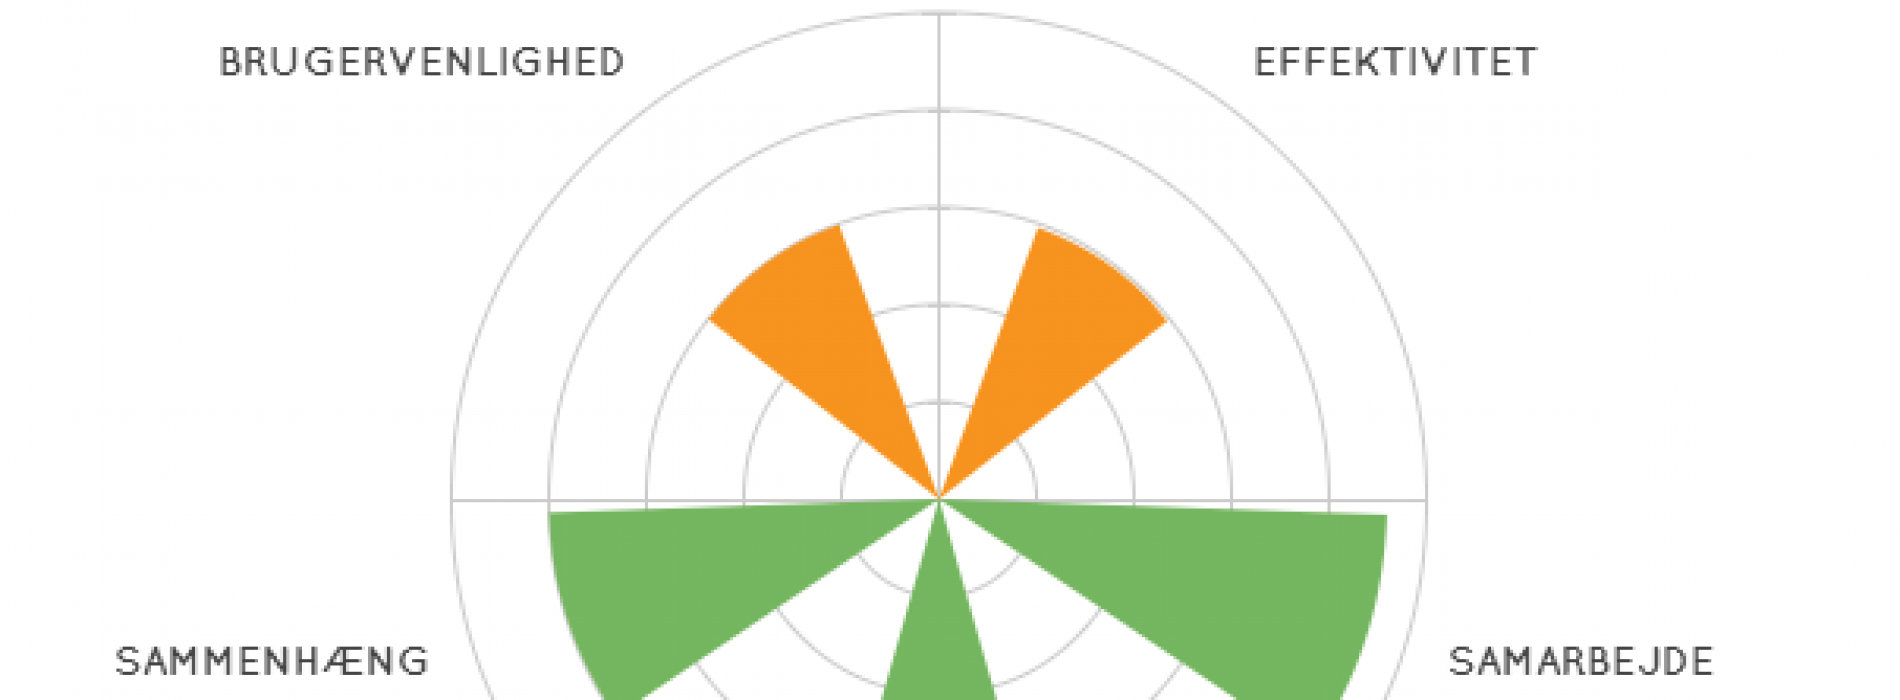 Vurdering af digitale læremidler i fagene – et fælles sprog